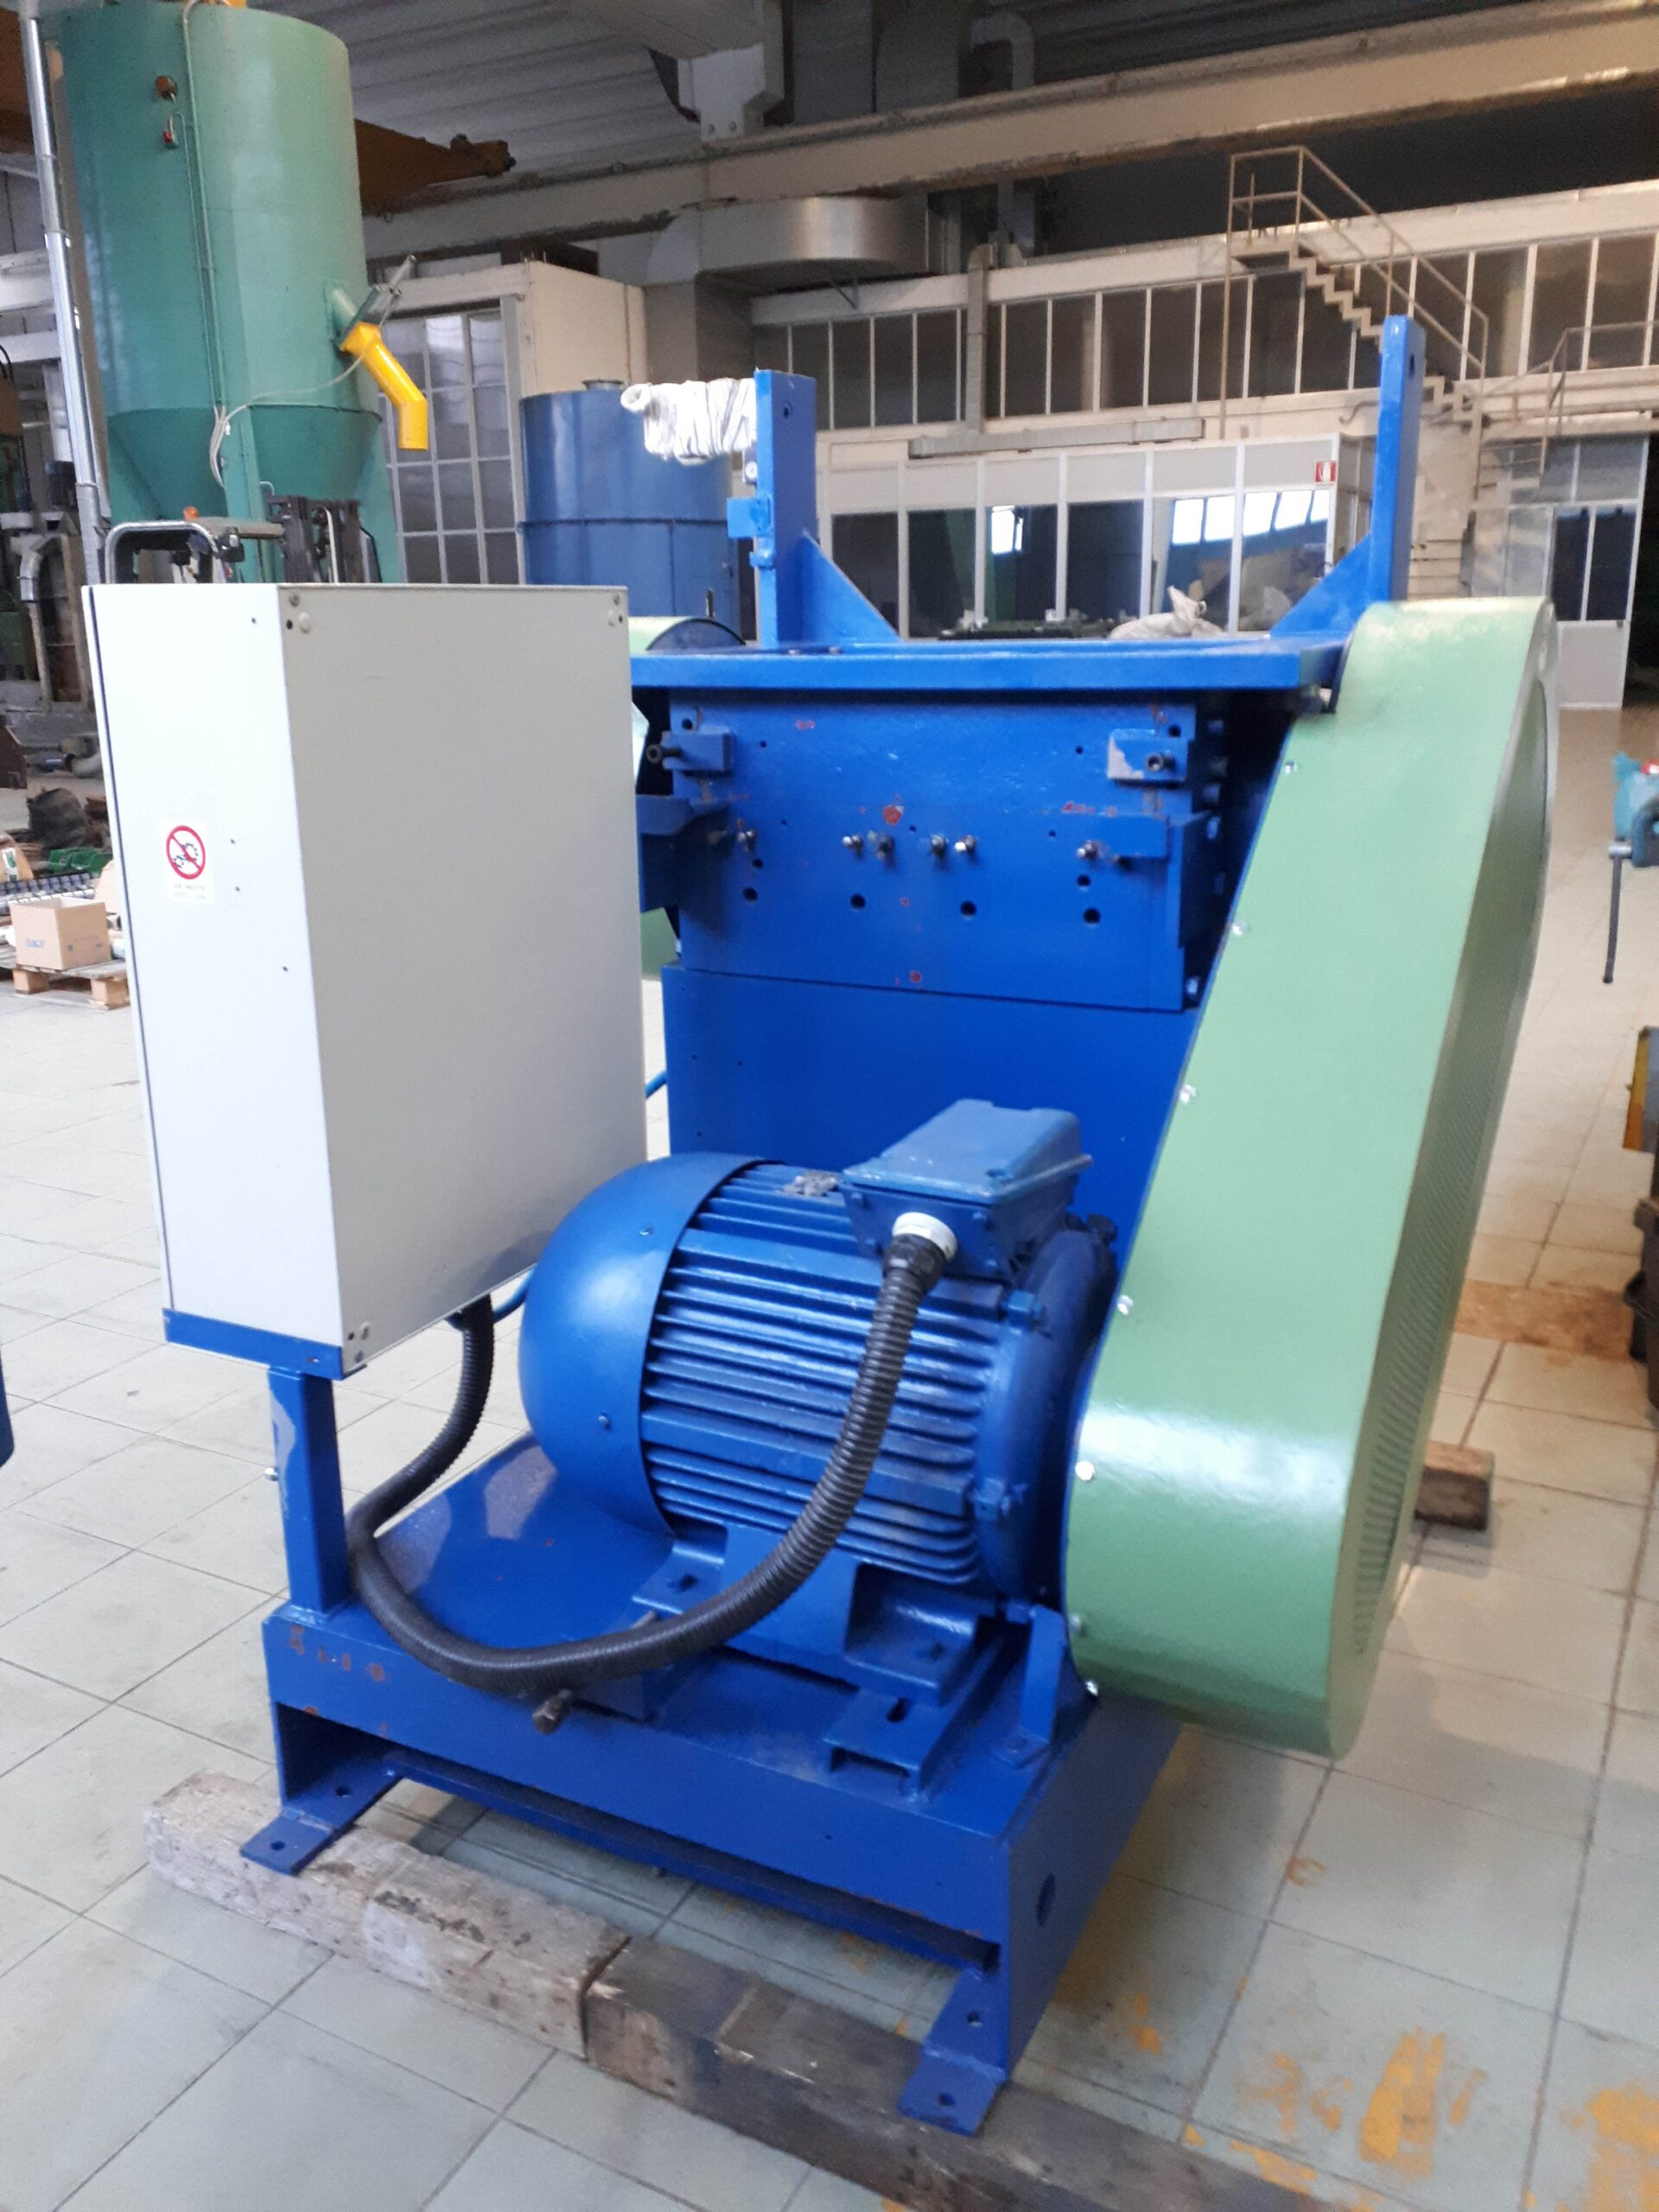 MULINO GRANULATORE 5-700 kg/h 37 kw in vendita - foto 1